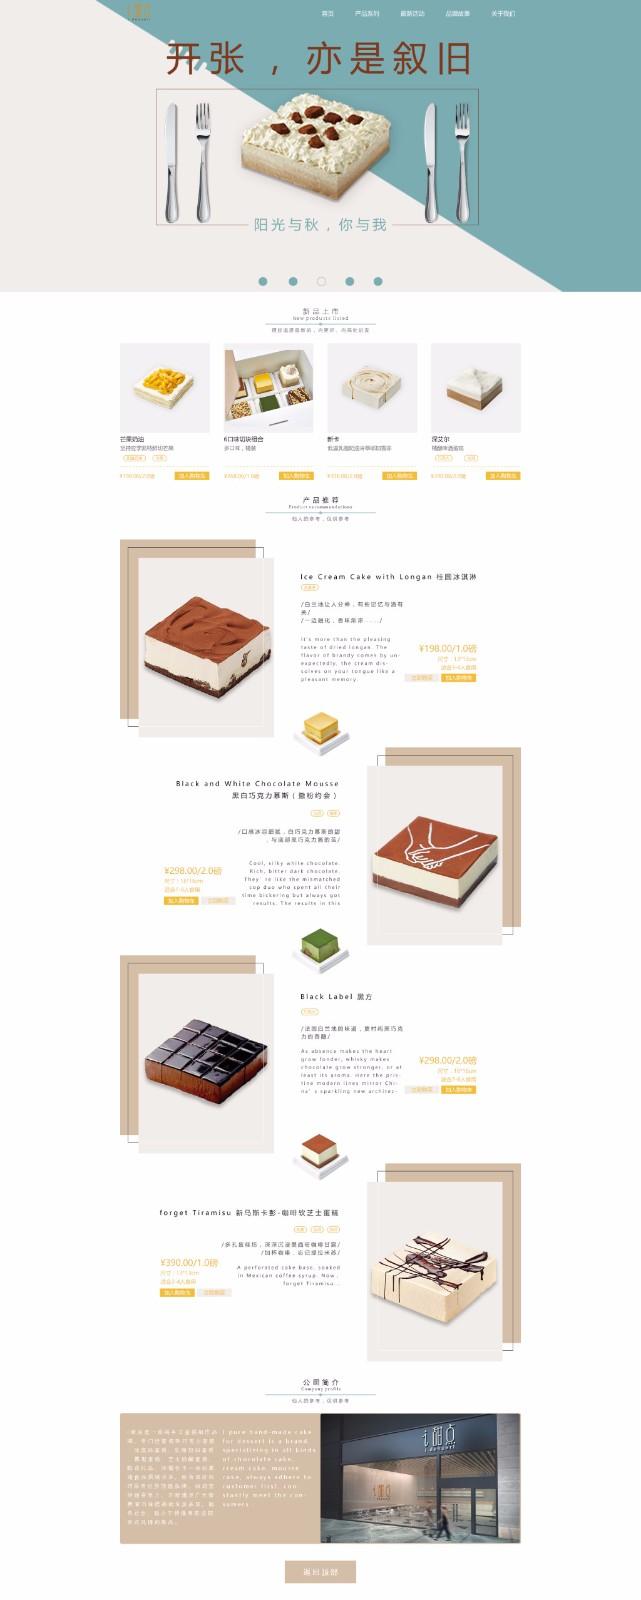 蛋糕甜点专题页